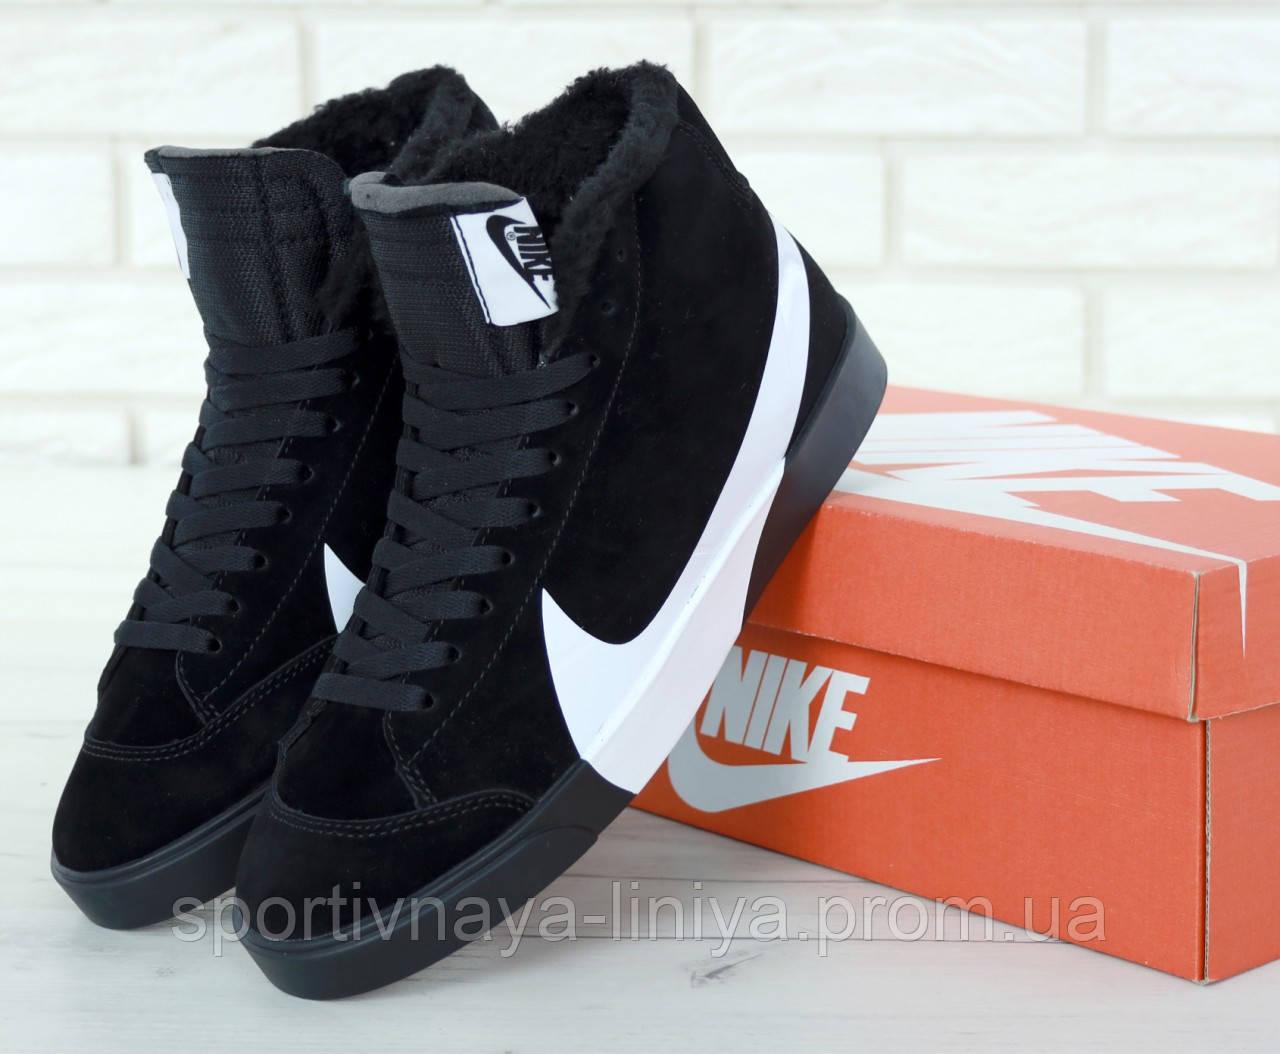 Кроссовки мужские на меху Nike Реплика высокого качества